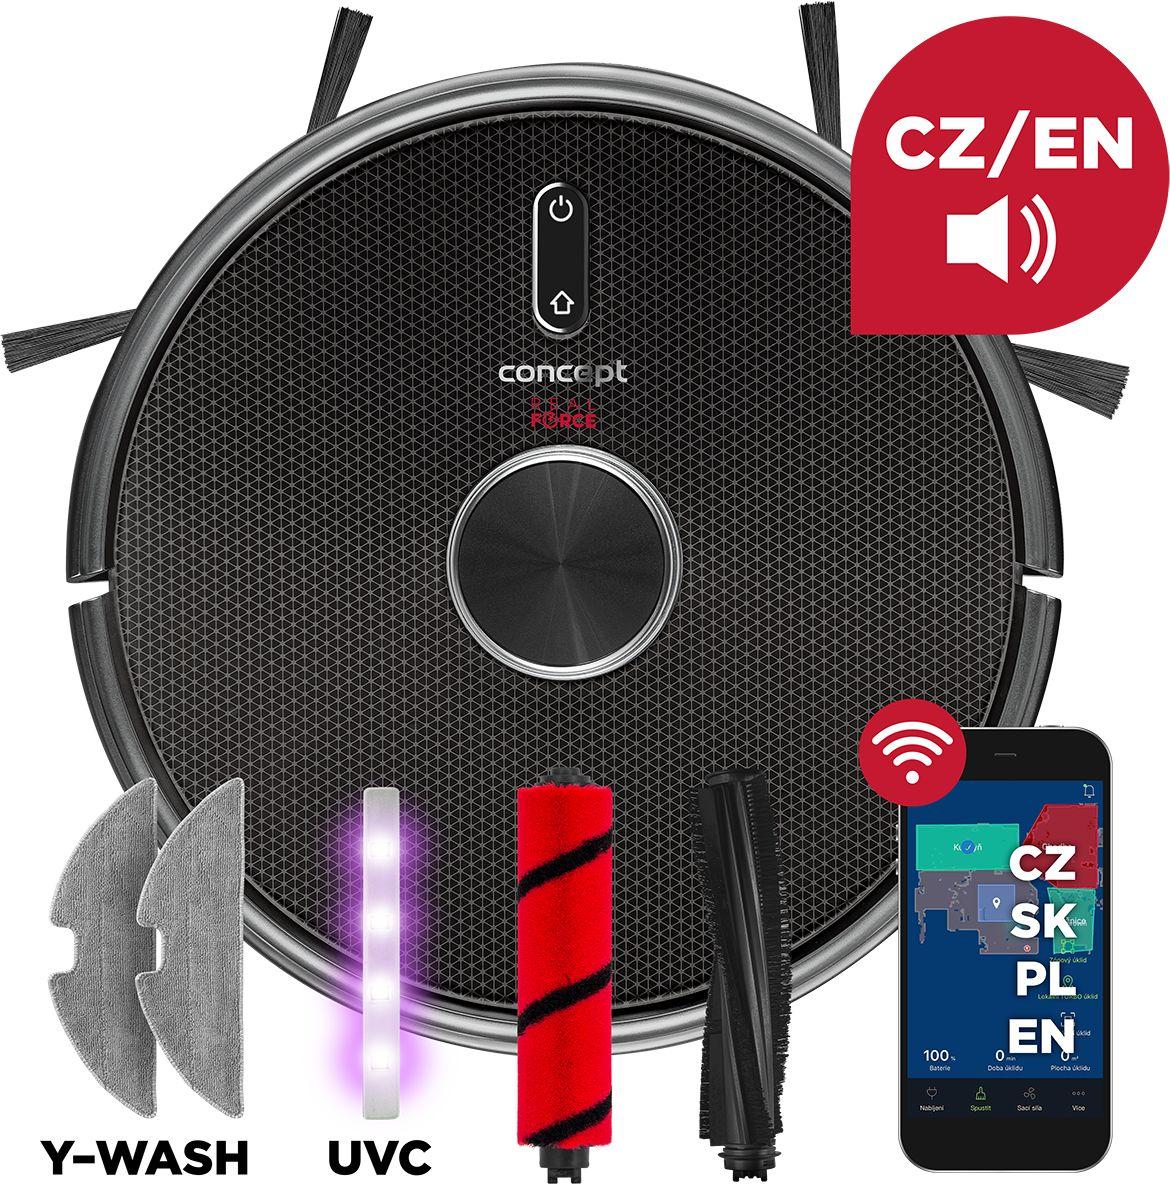 Concept VR3210 odkurzacz robotyczny 3w1 Laser UVC